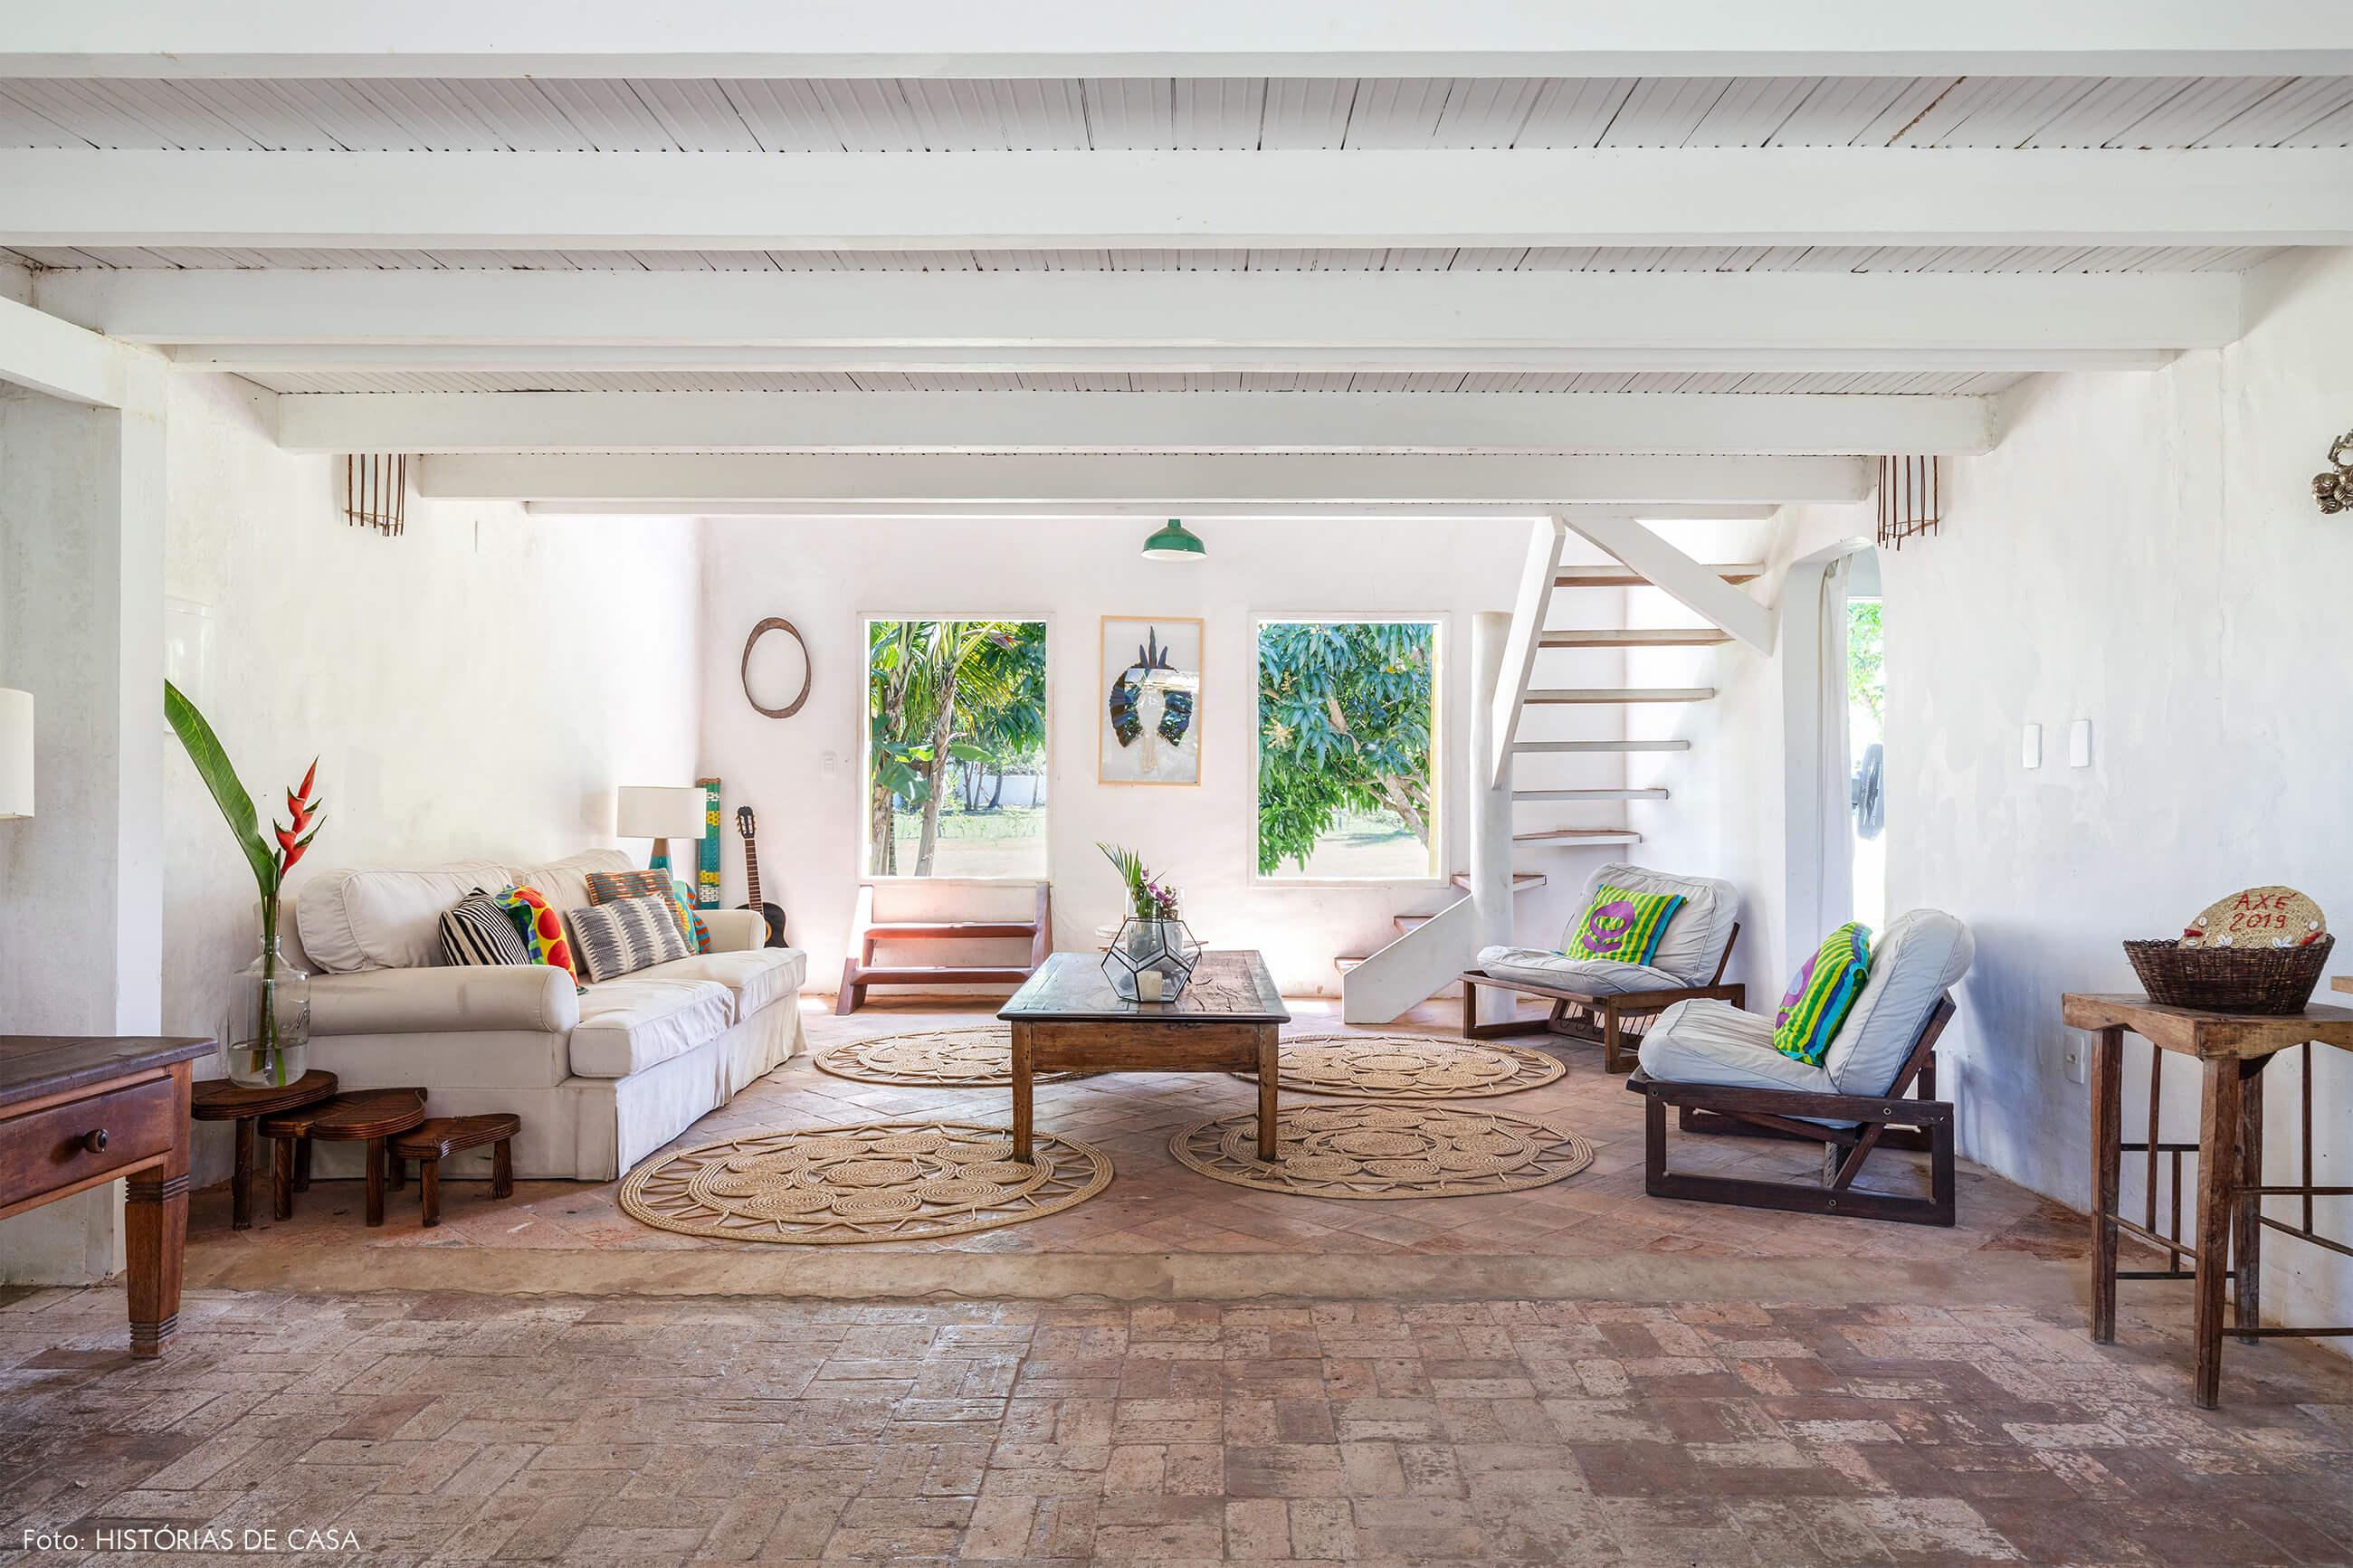 flavia-decoração-trancoso-sala-com-moveis-e-piso-de-madeira-bem-iluminado